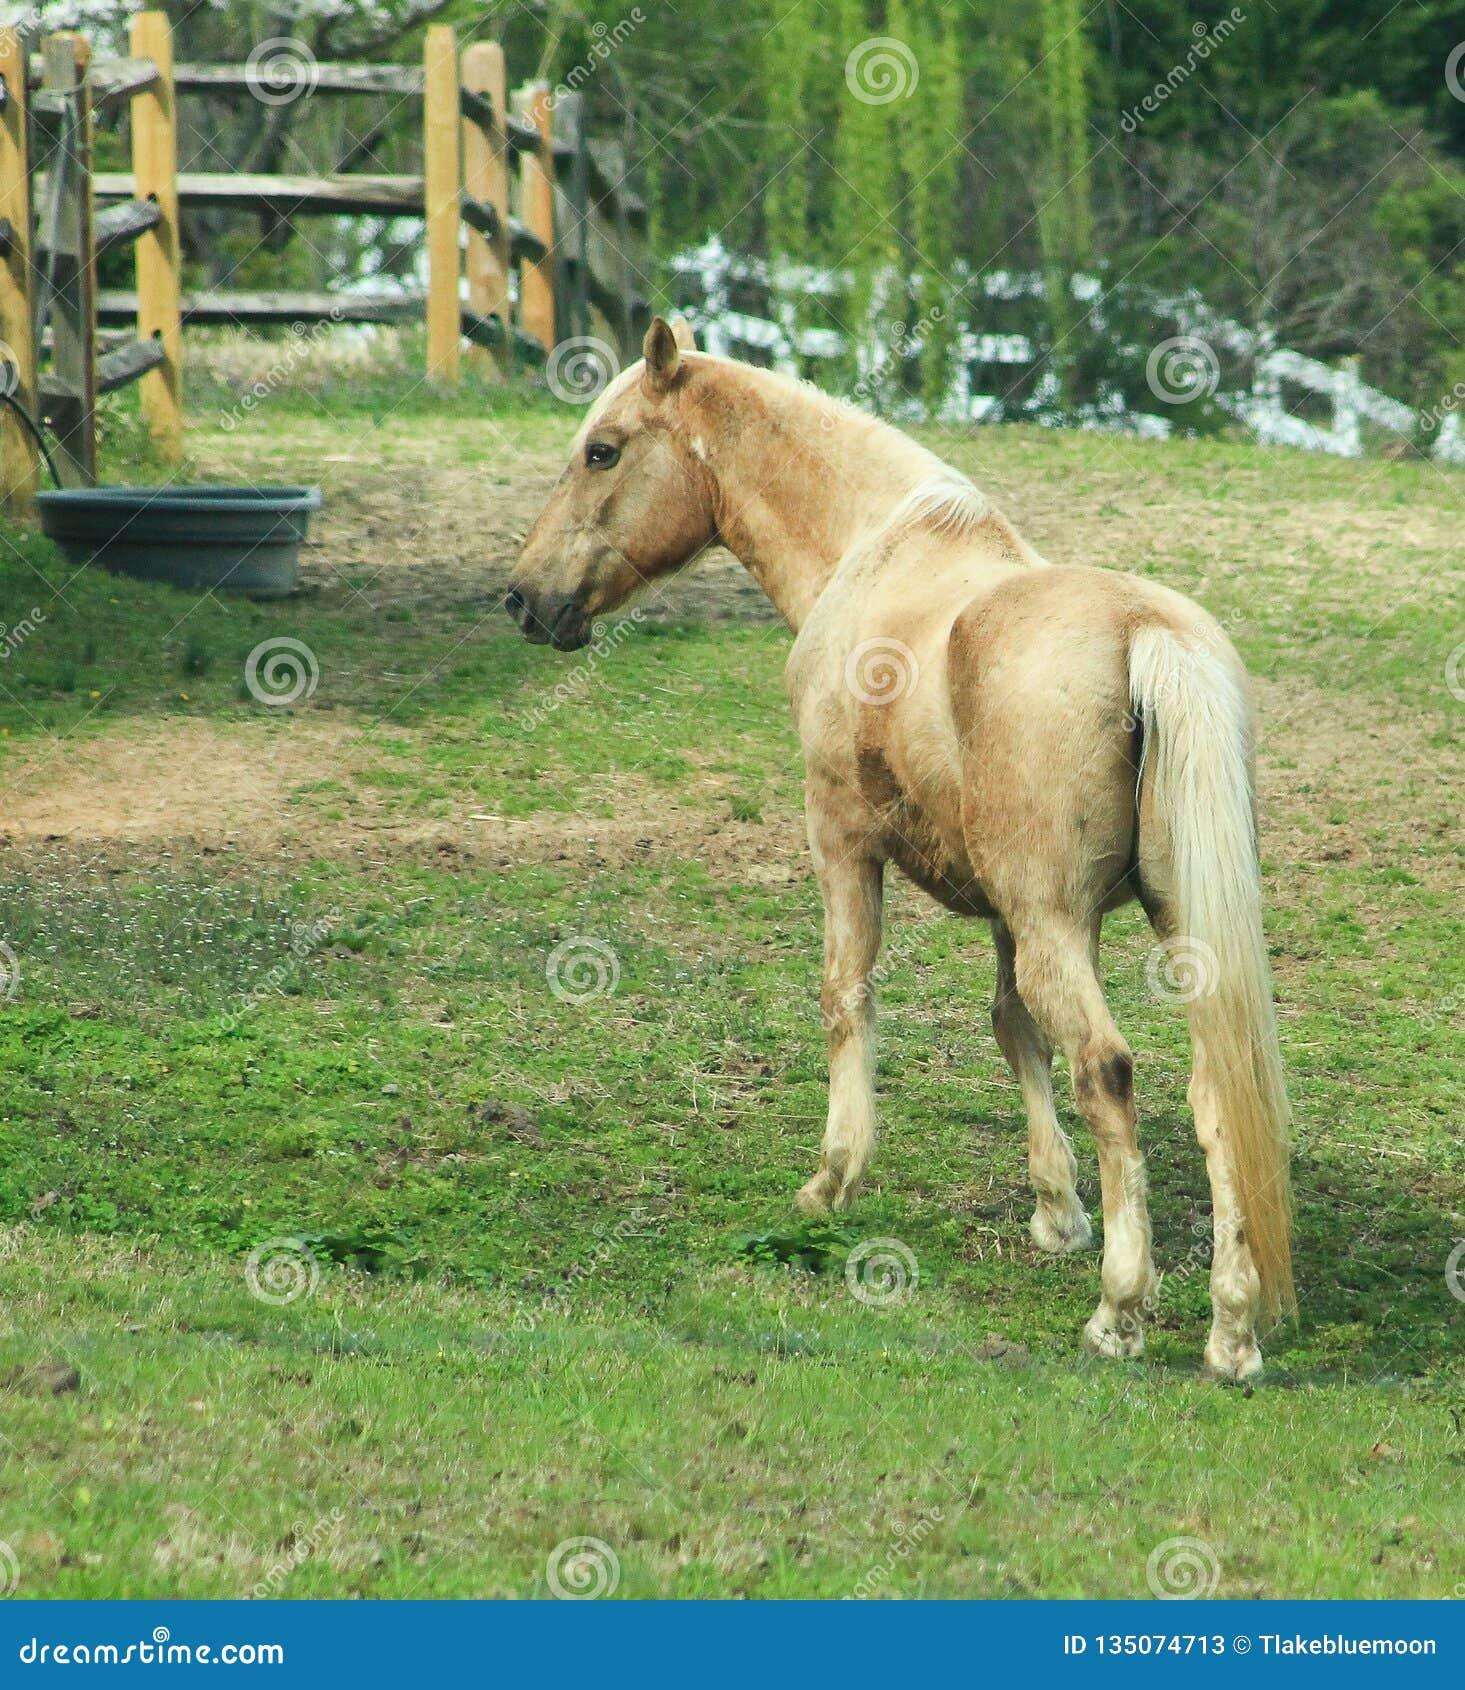 Tan horse in field